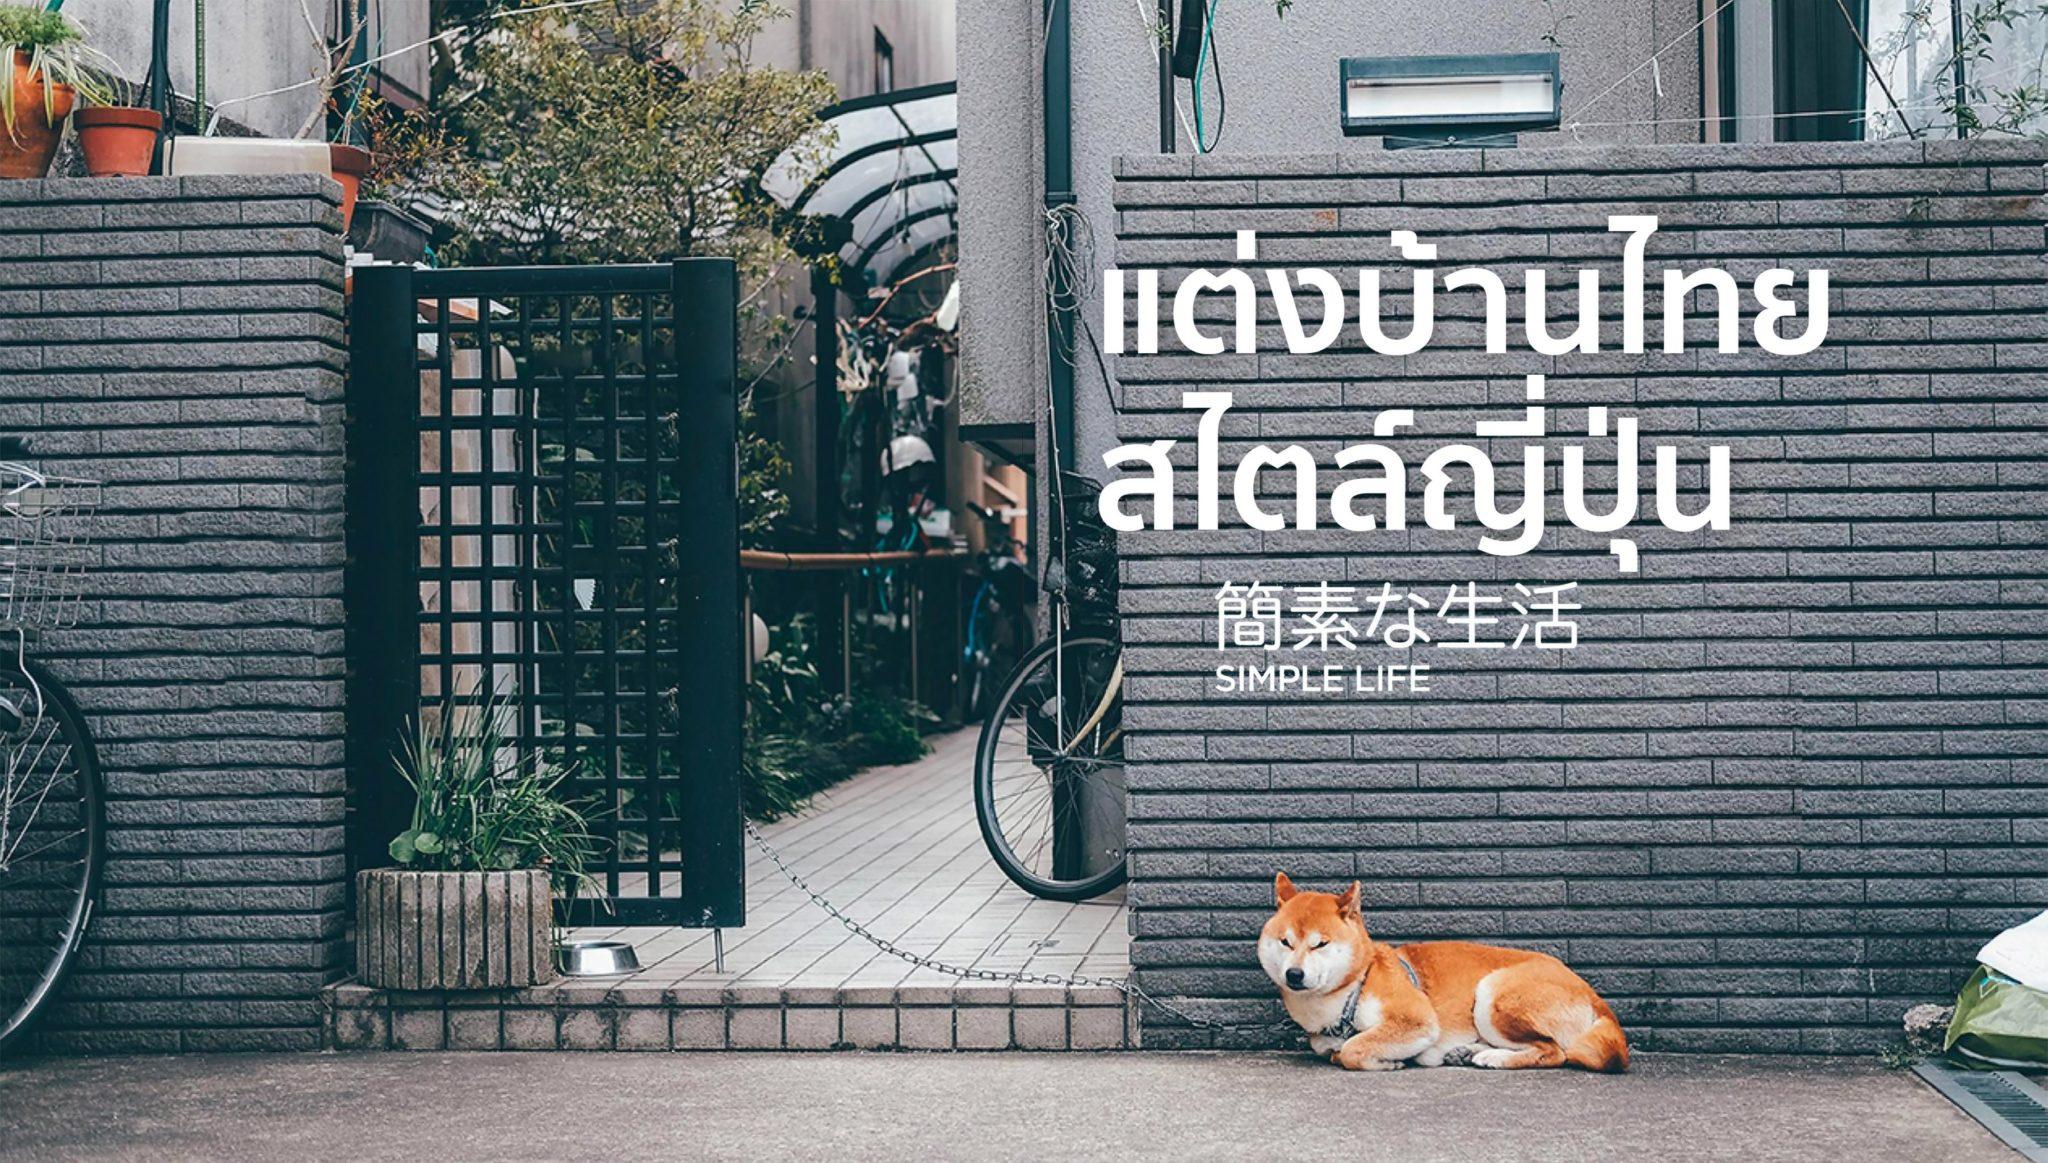 10 ไอเดียแต่งบ้านสไตล์ญี่ปุ่น เปลี่ยนบ้านไทยและคอนโดในกรุงเทพให้เหมือนอยู่ TOKYO-OSAKA 13 - Index Living Mall (อินเด็กซ์ ลิฟวิ่งมอลล์)